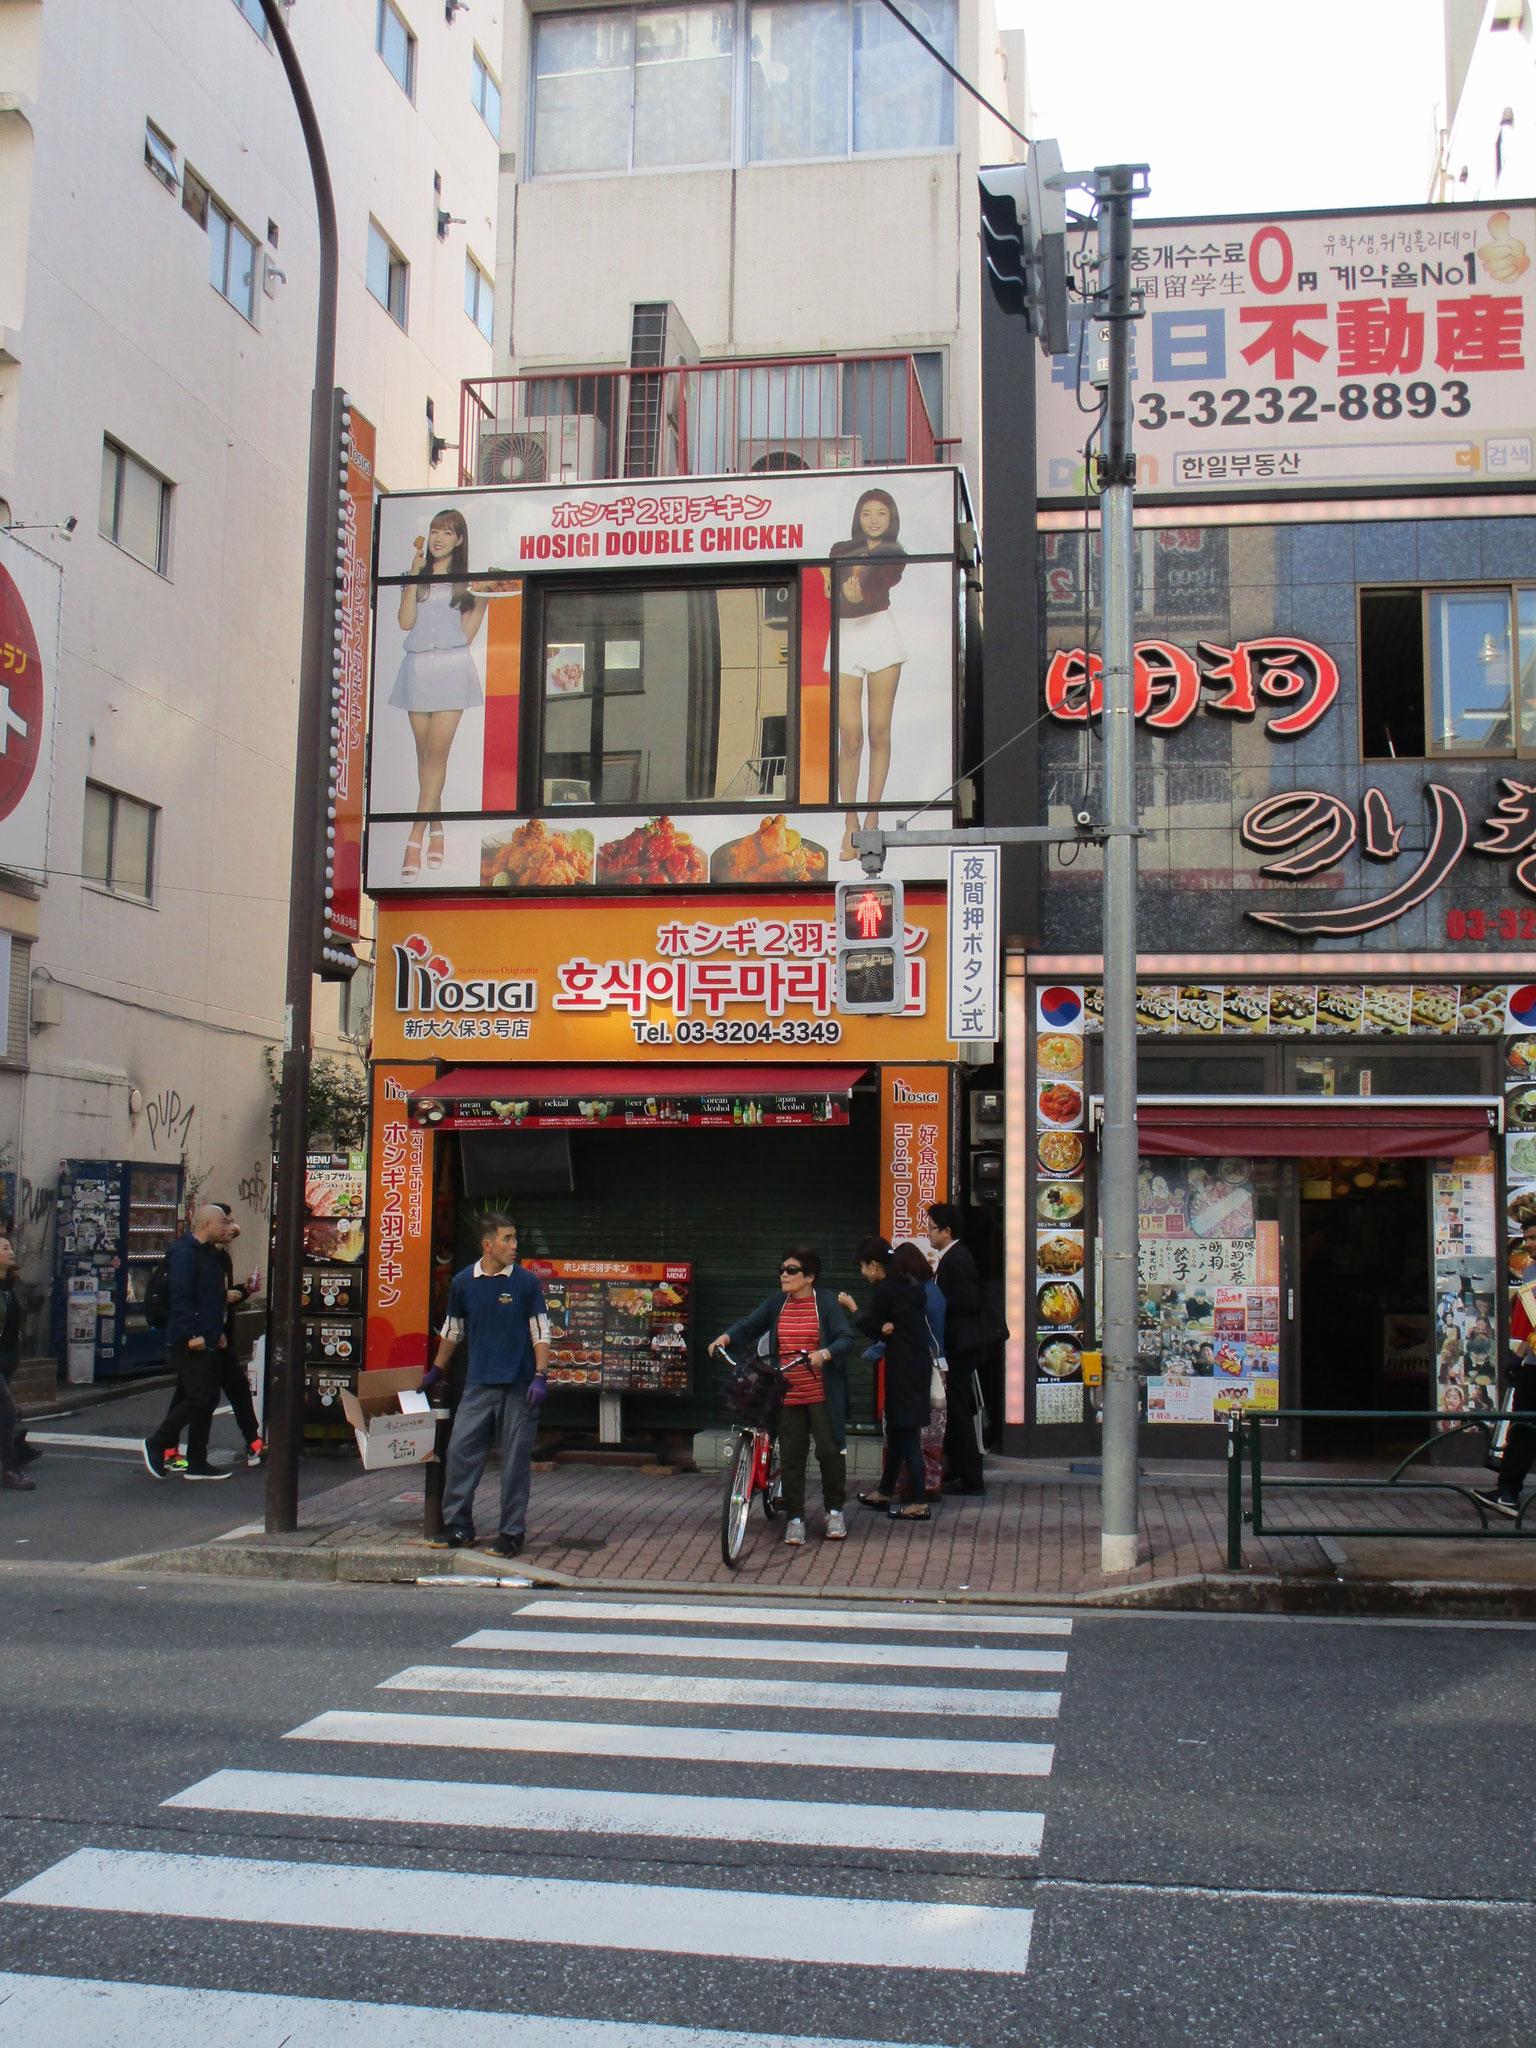 韓国語の入った看板のお店が並びます